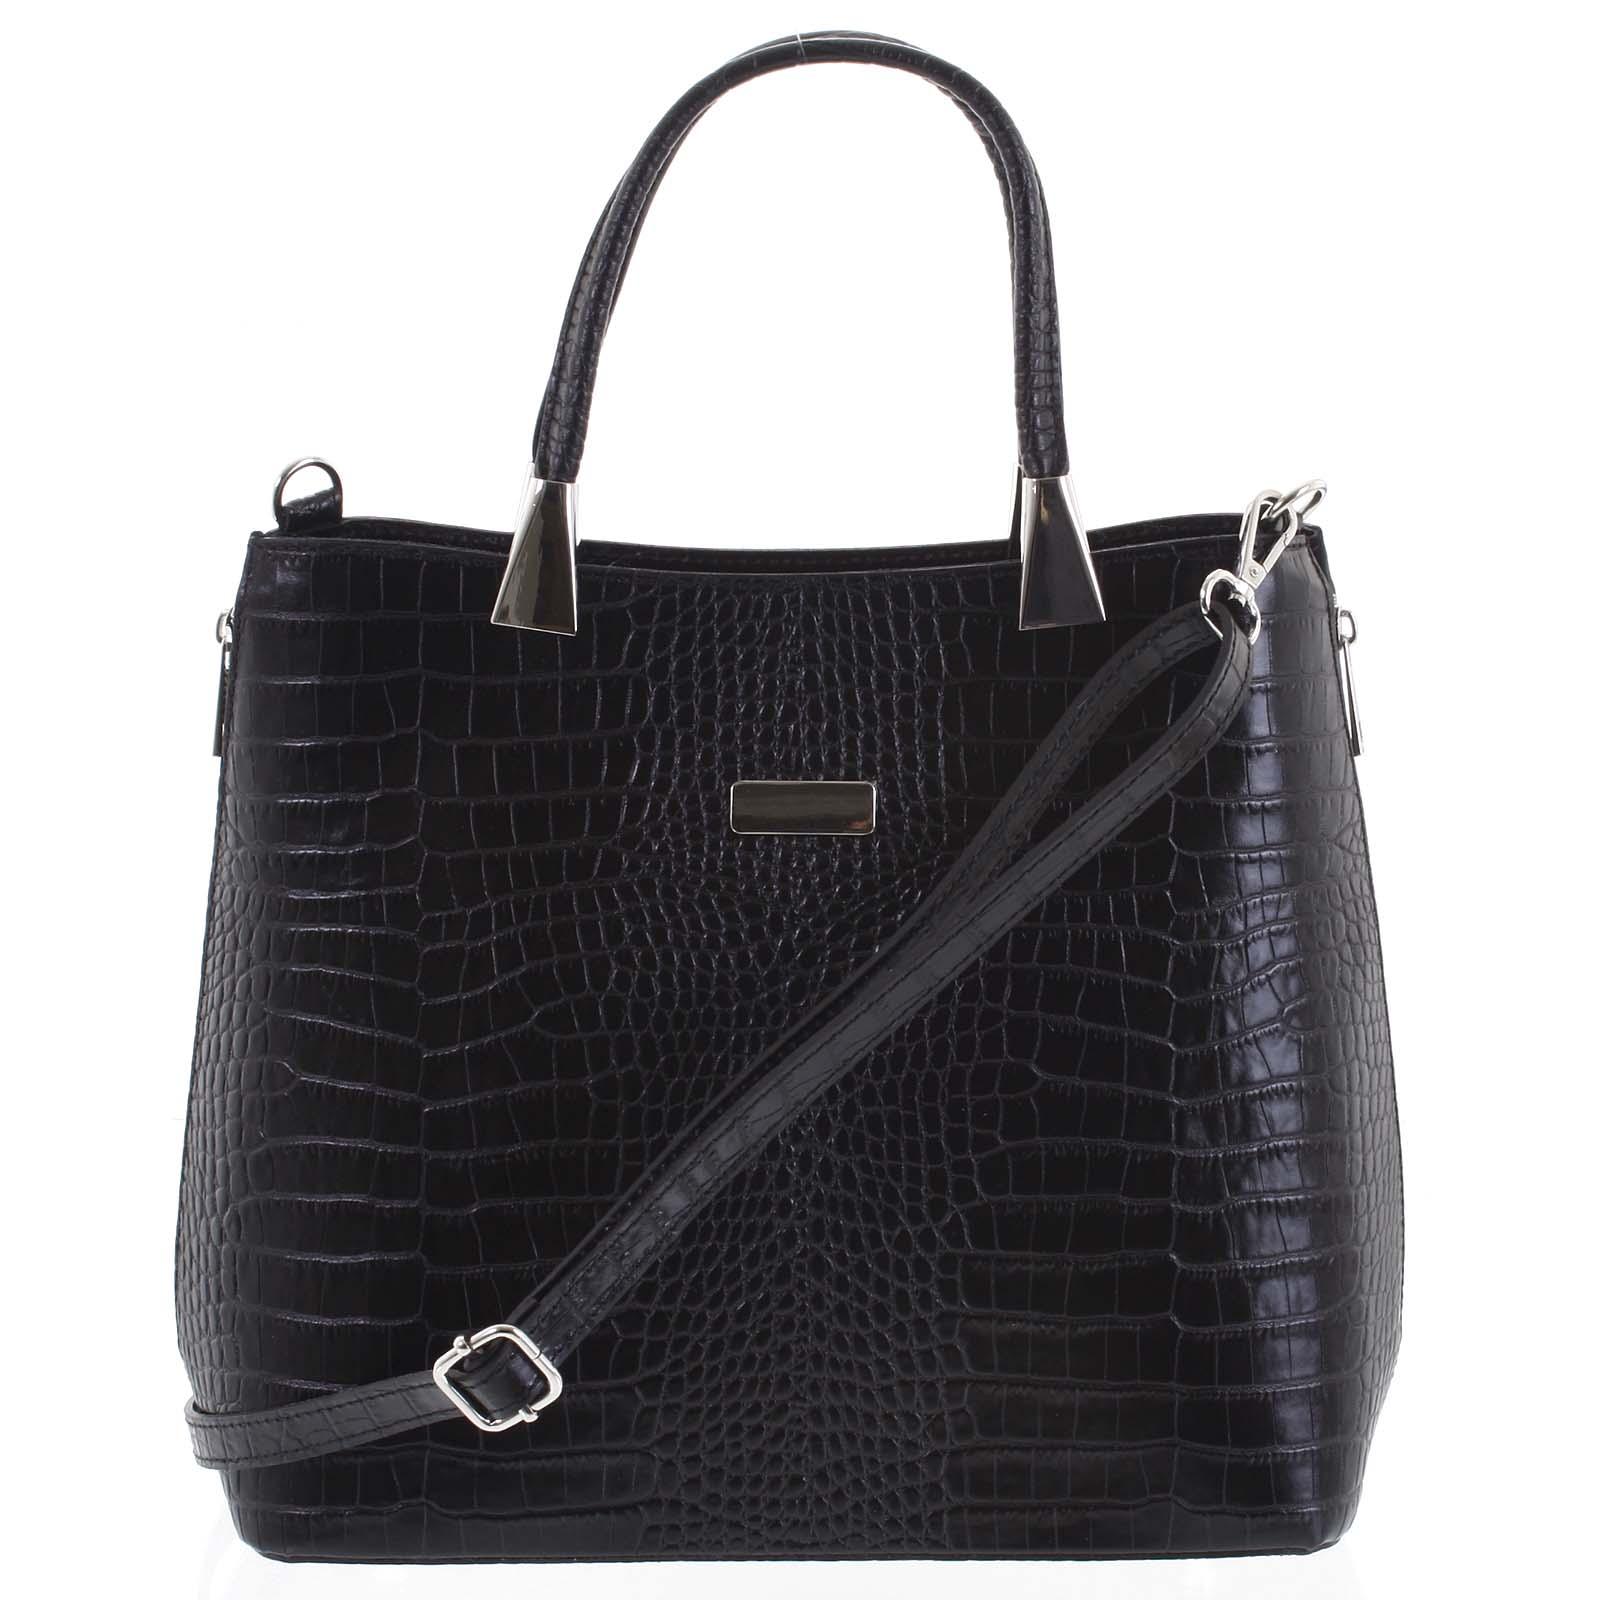 Luxusná dámska kožená kabelka čierna - ItalY Marion čierna